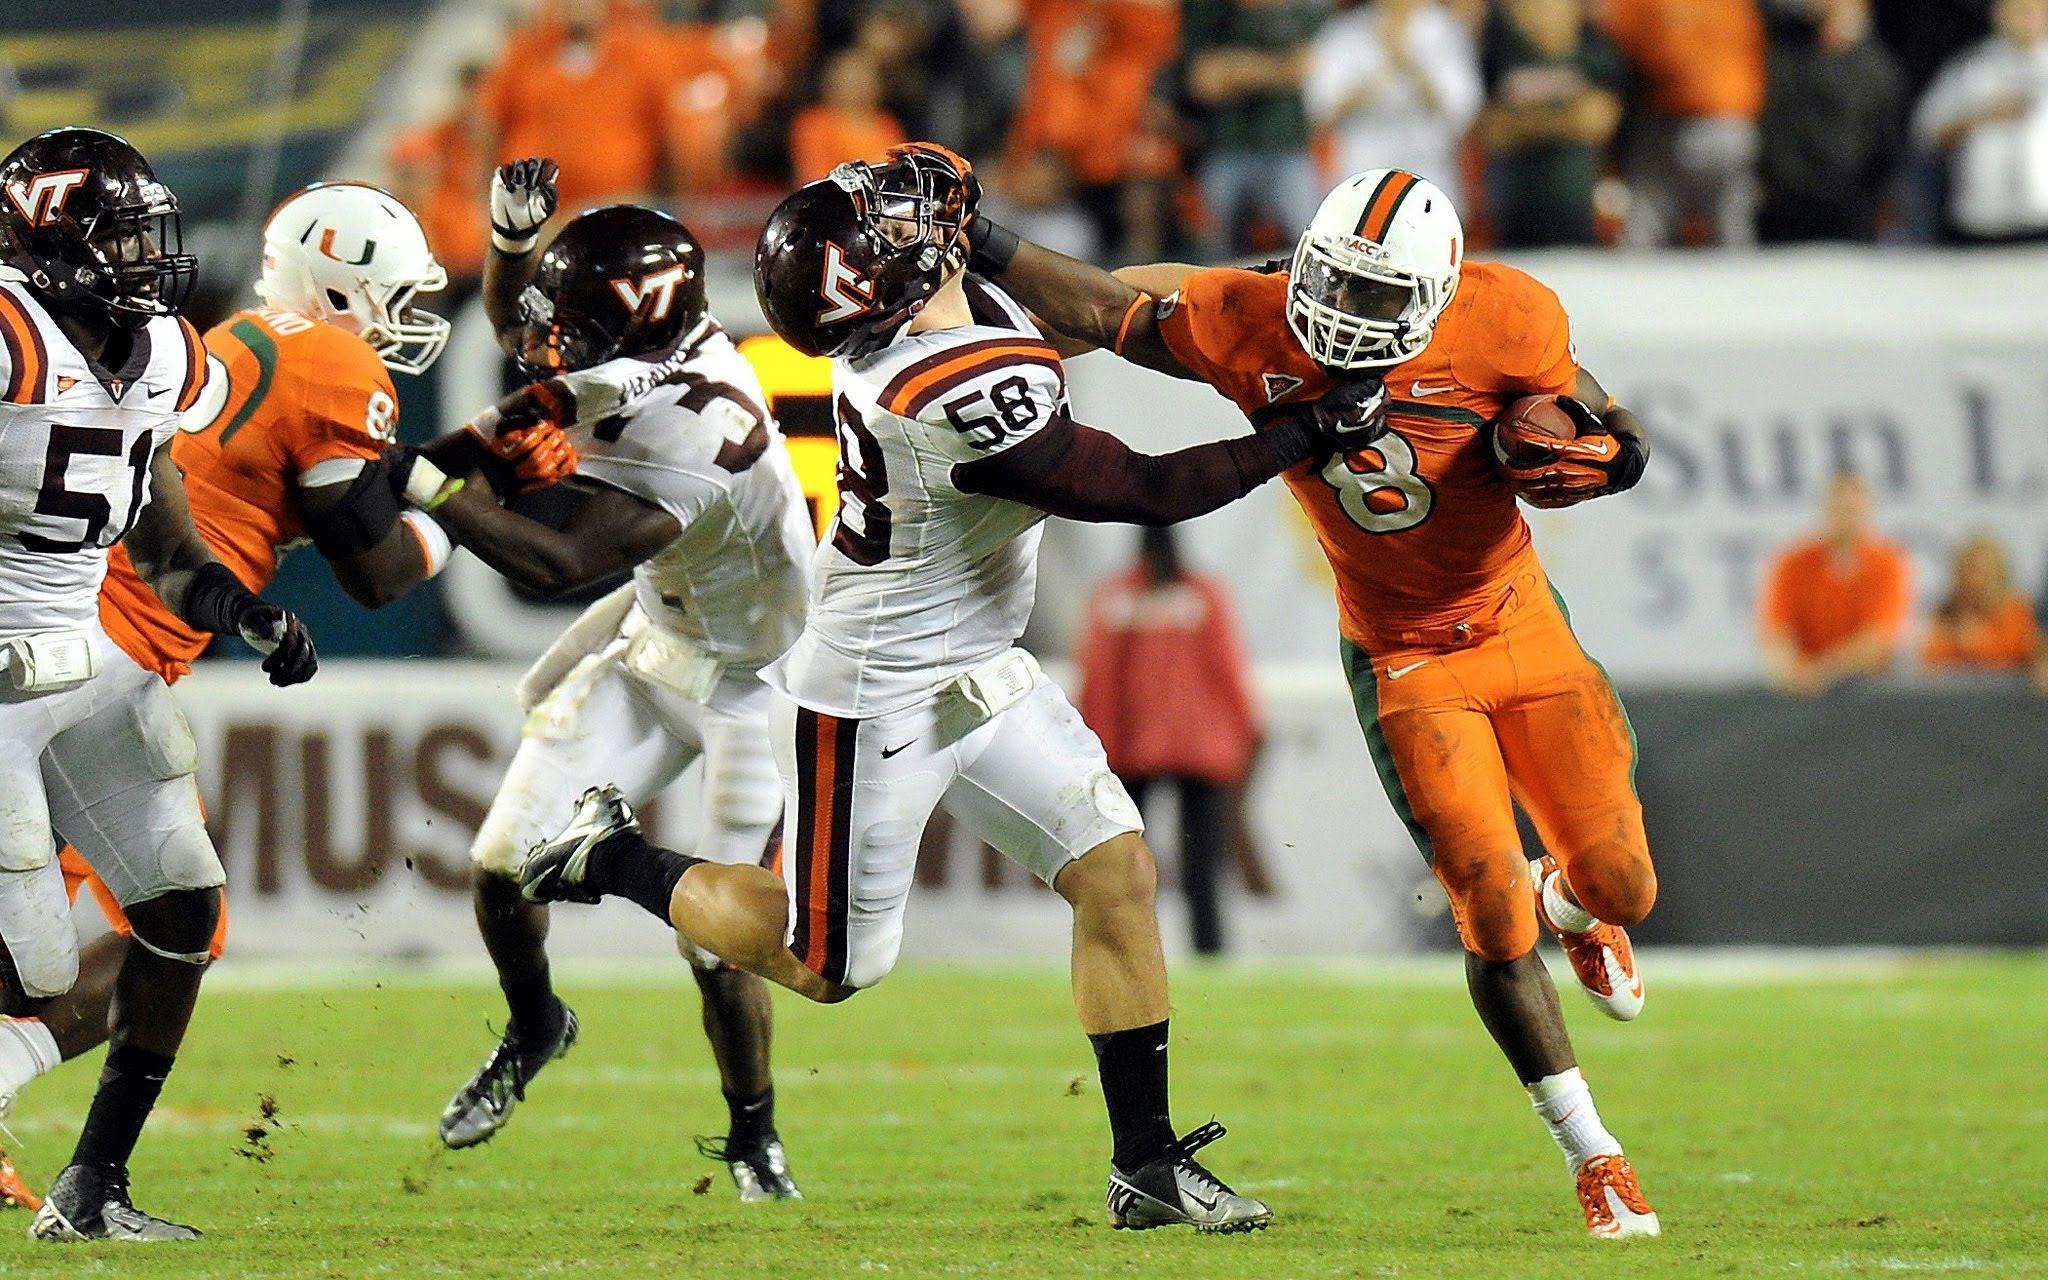 NFL Draft Prospect Profile Duke Johnson RB, University of